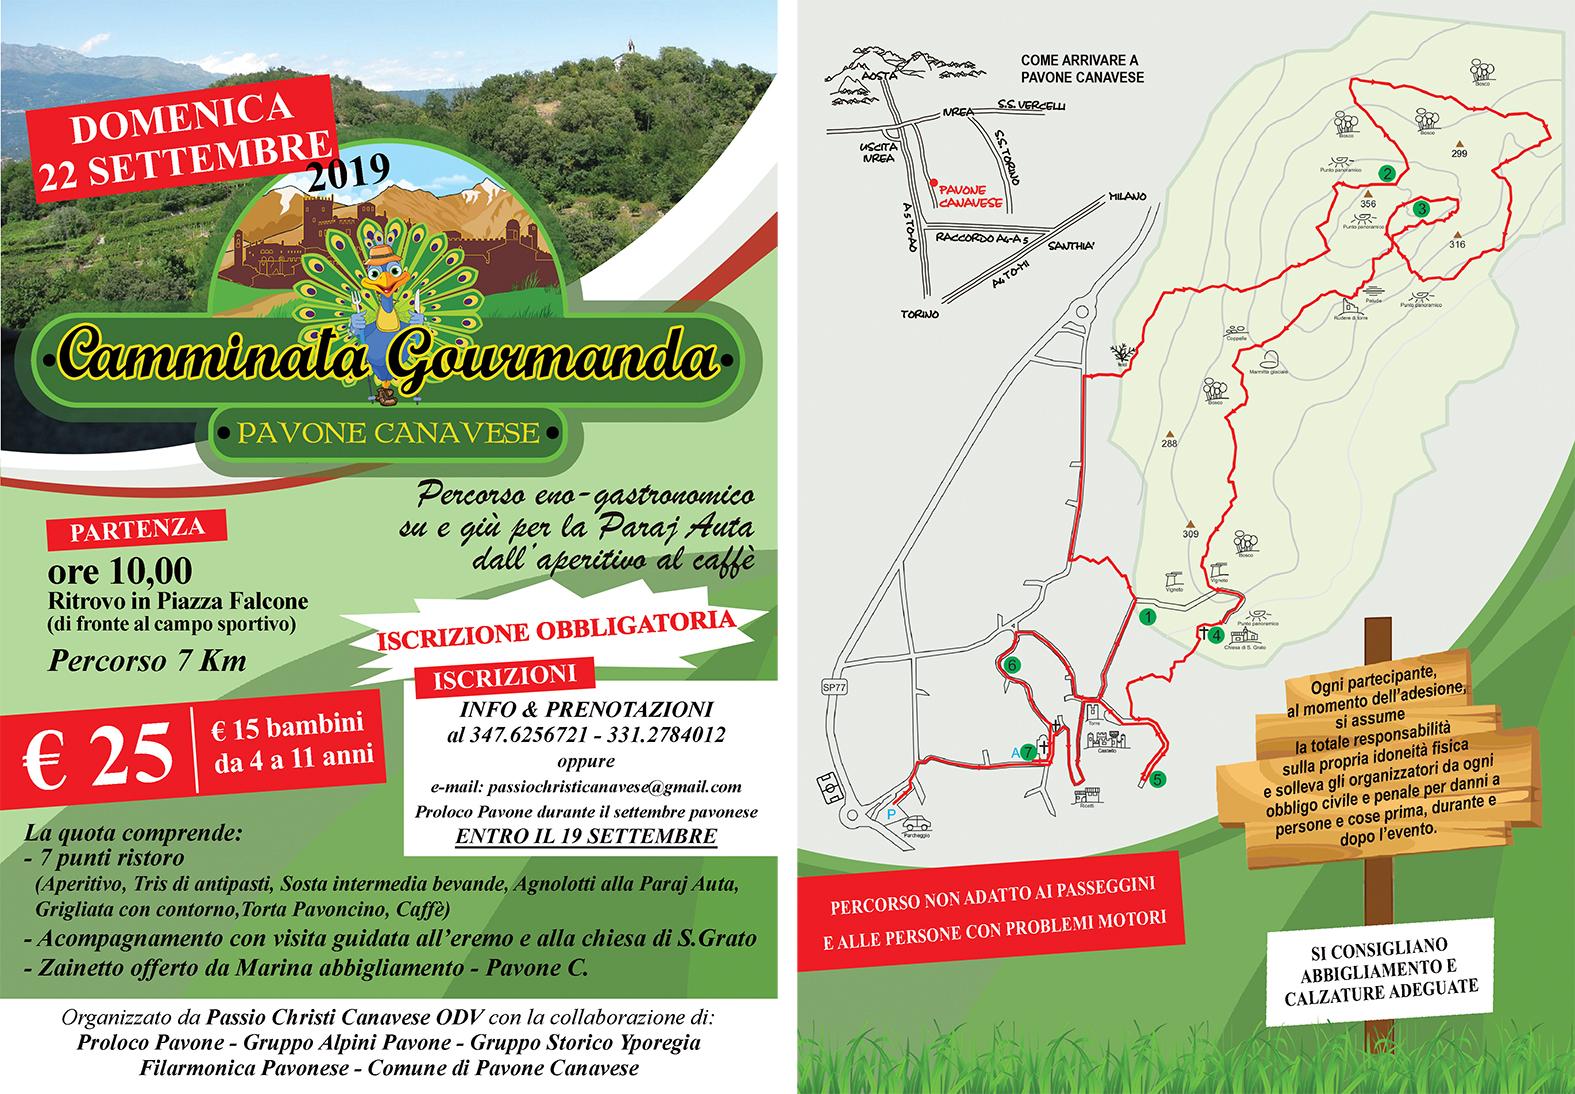 PAVONE CANAVESE (TO): Camminata gourmanda 2019